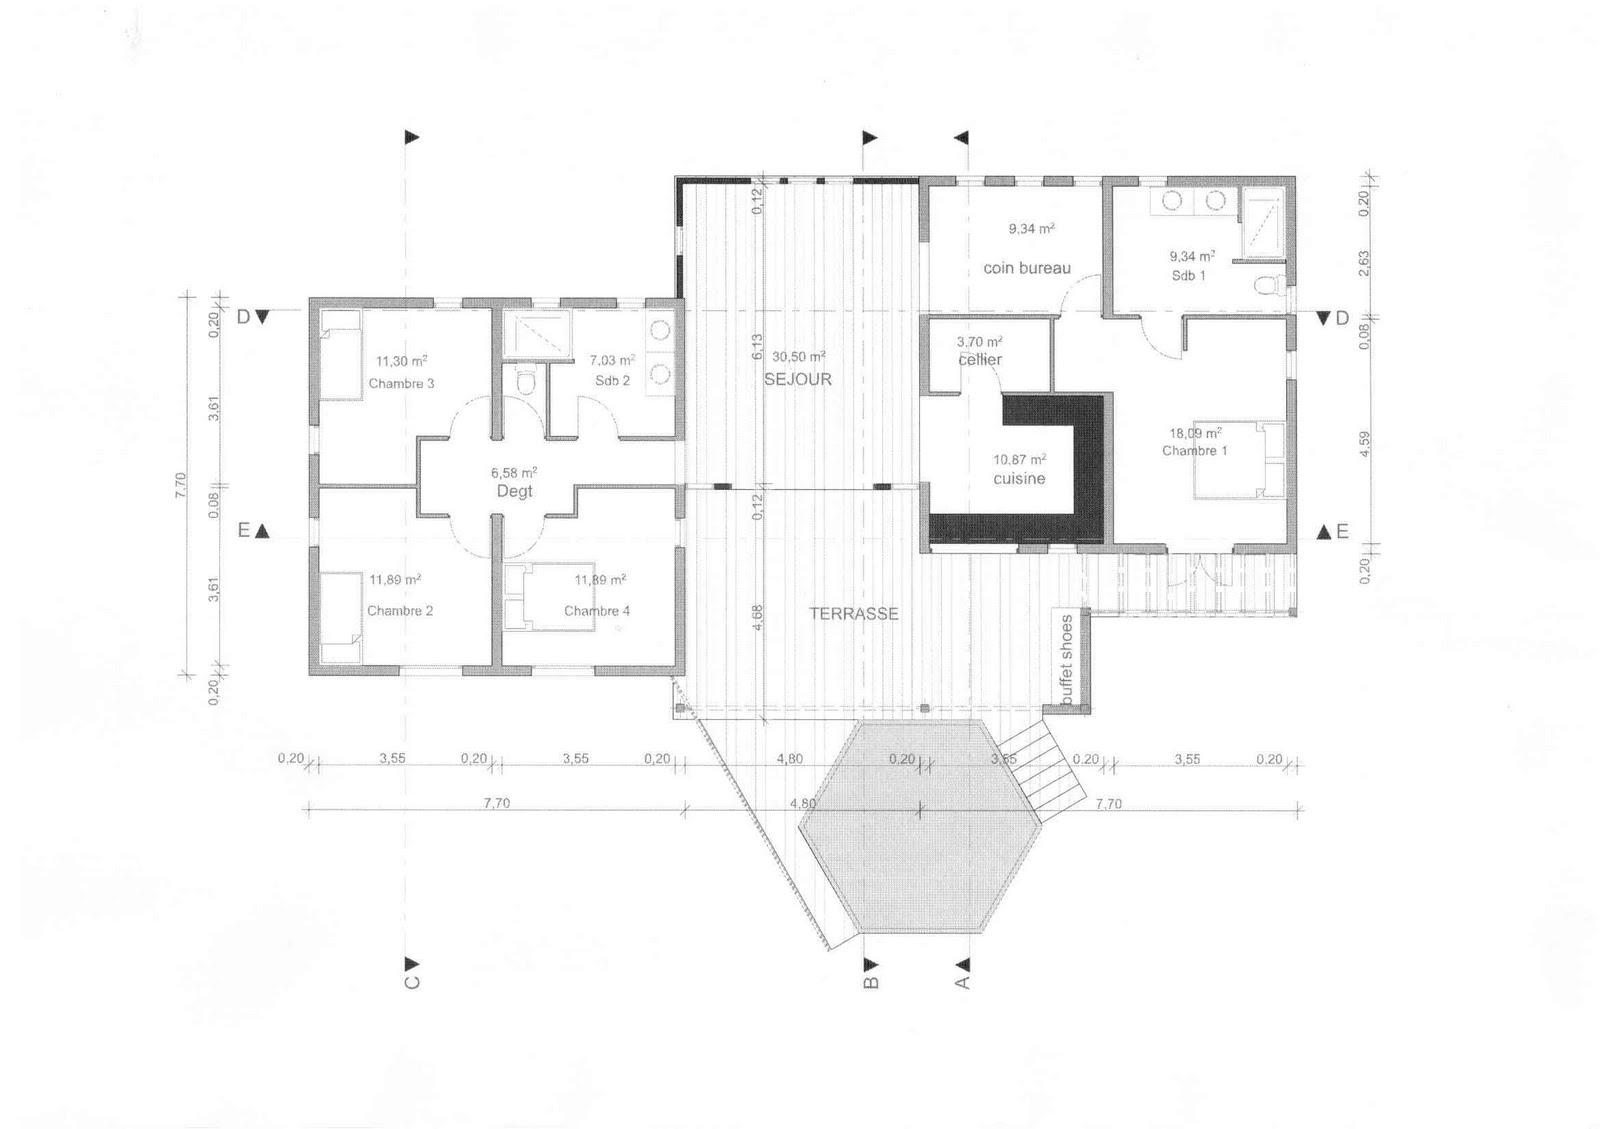 Plan de maison 3 chambres salon for Plan maison en l 4 chambres